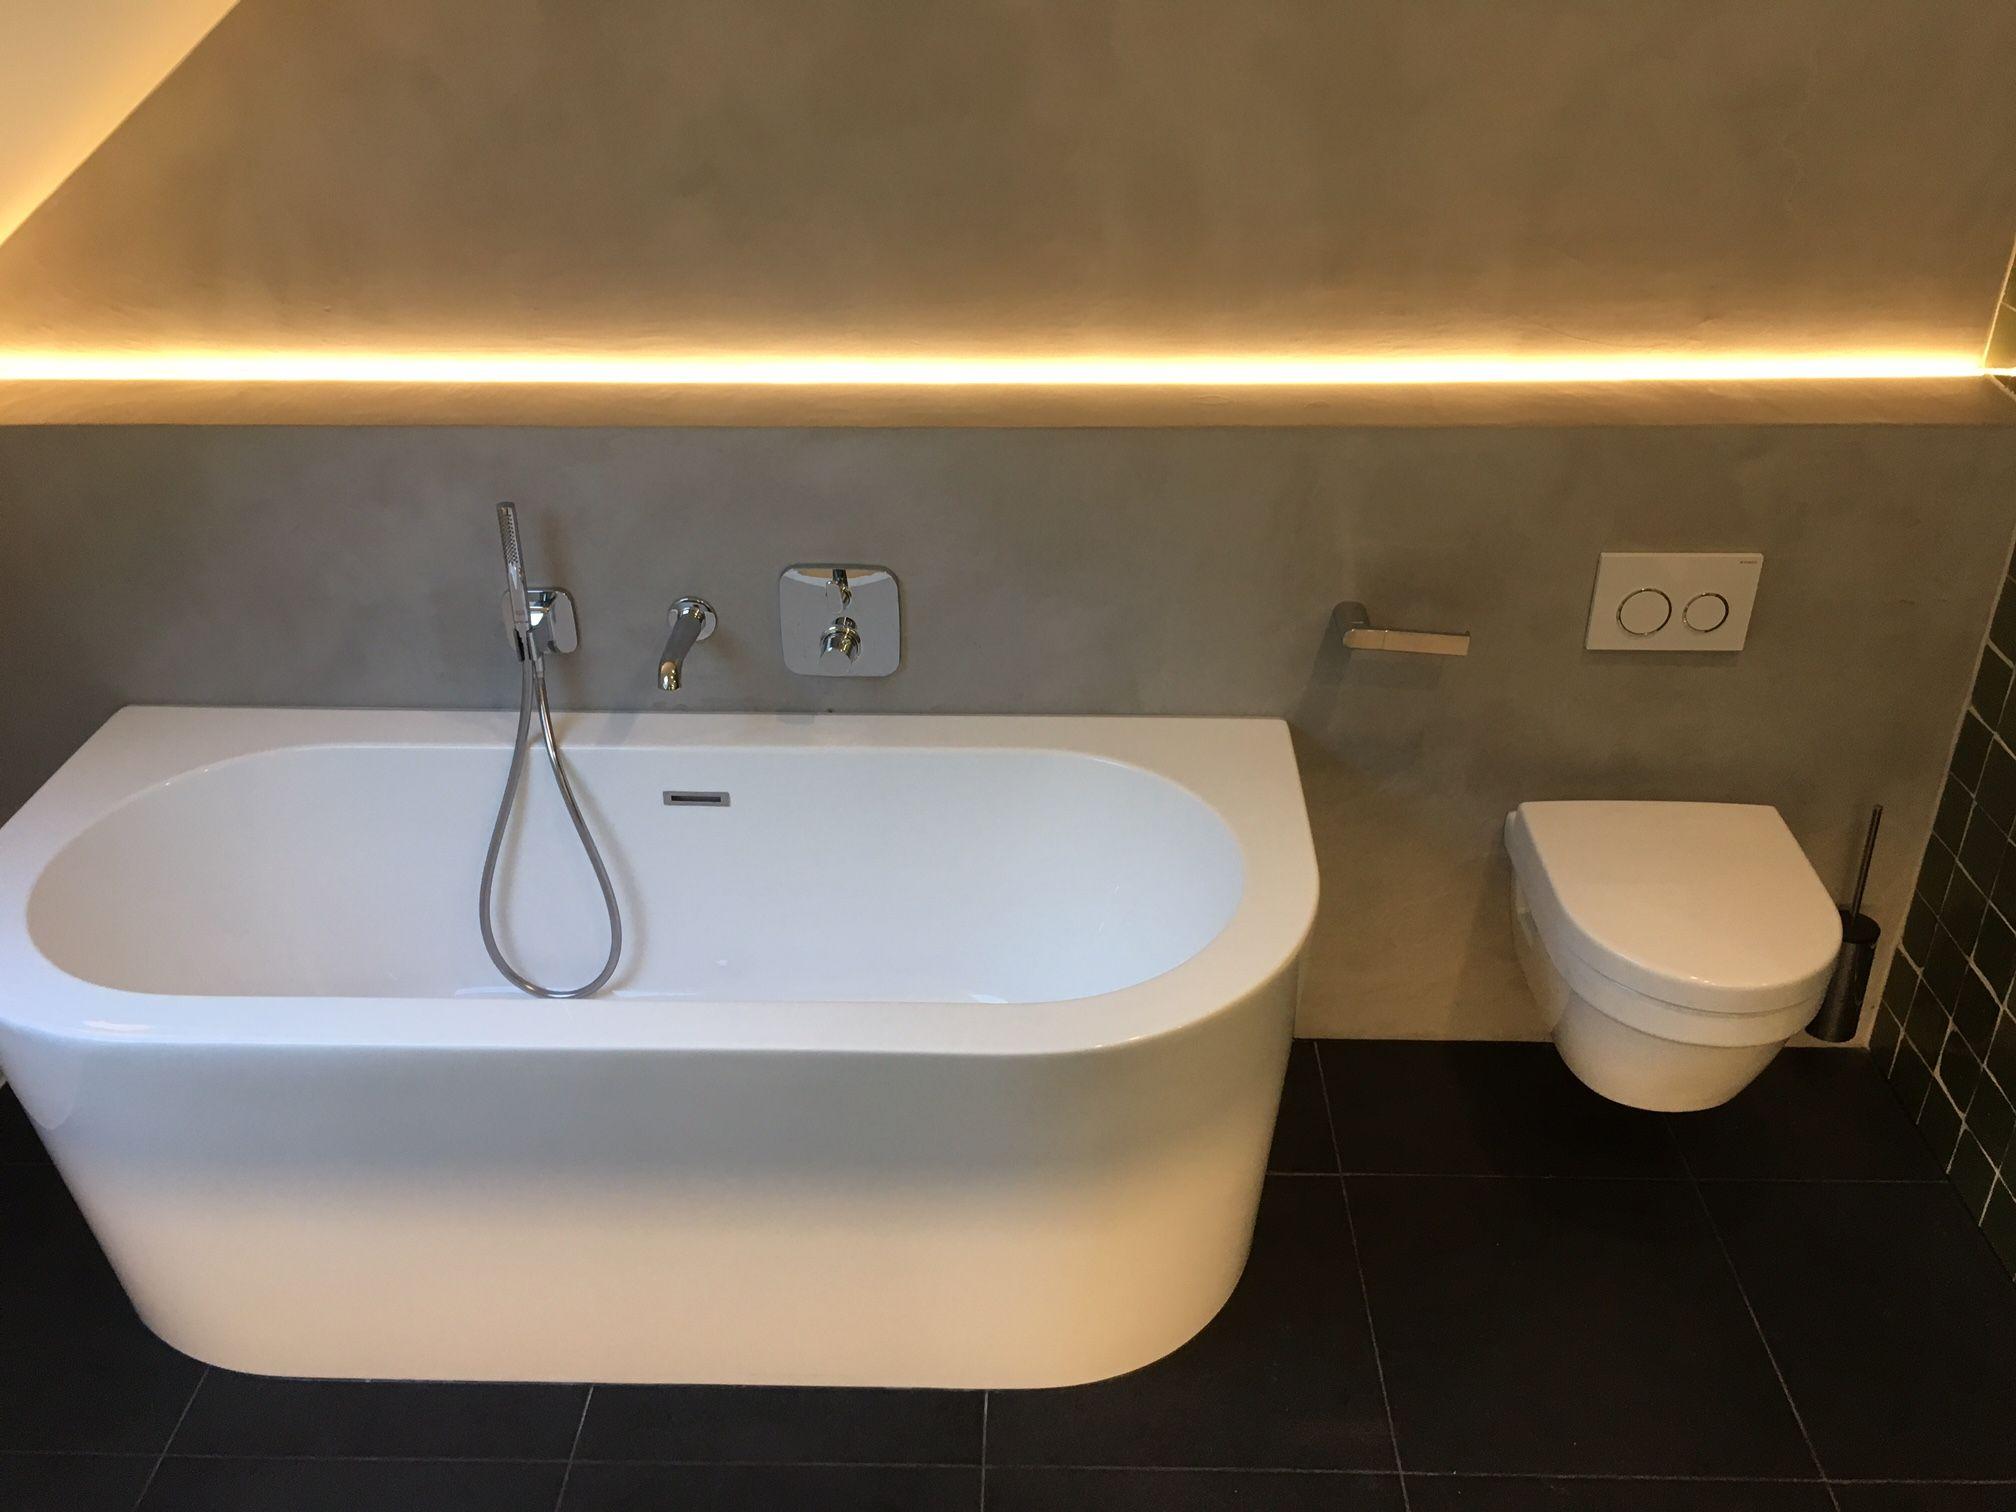 Beton Cire Waterdicht : Beton cire vloeren en wanden van beton cire designbetonvloer